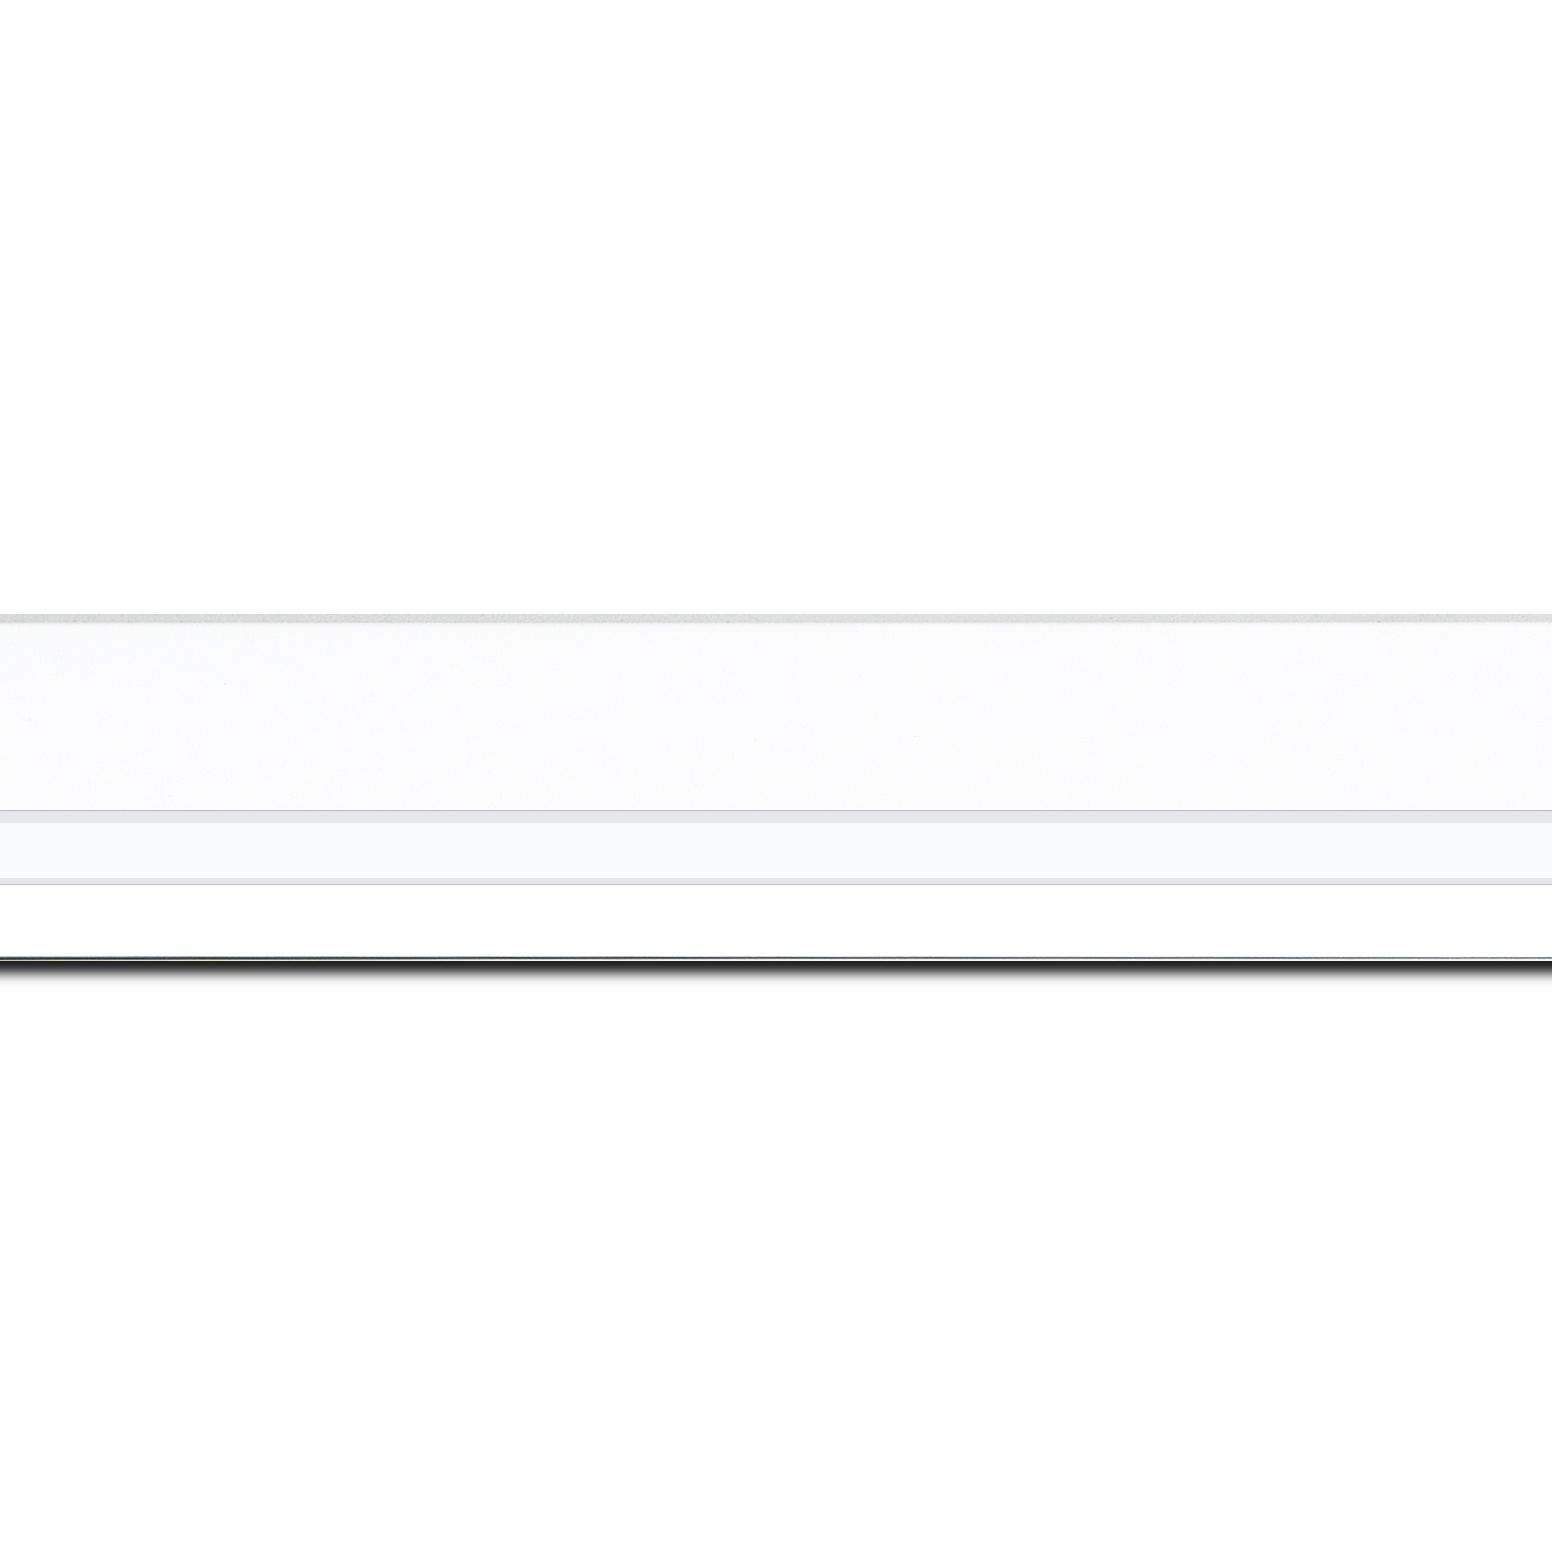 Pack par 12m, bois profil pente largeur 4.5cm de couleur blanc mat filet blanc (longueur baguette pouvant varier entre 2.40m et 3m selon arrivage des bois)